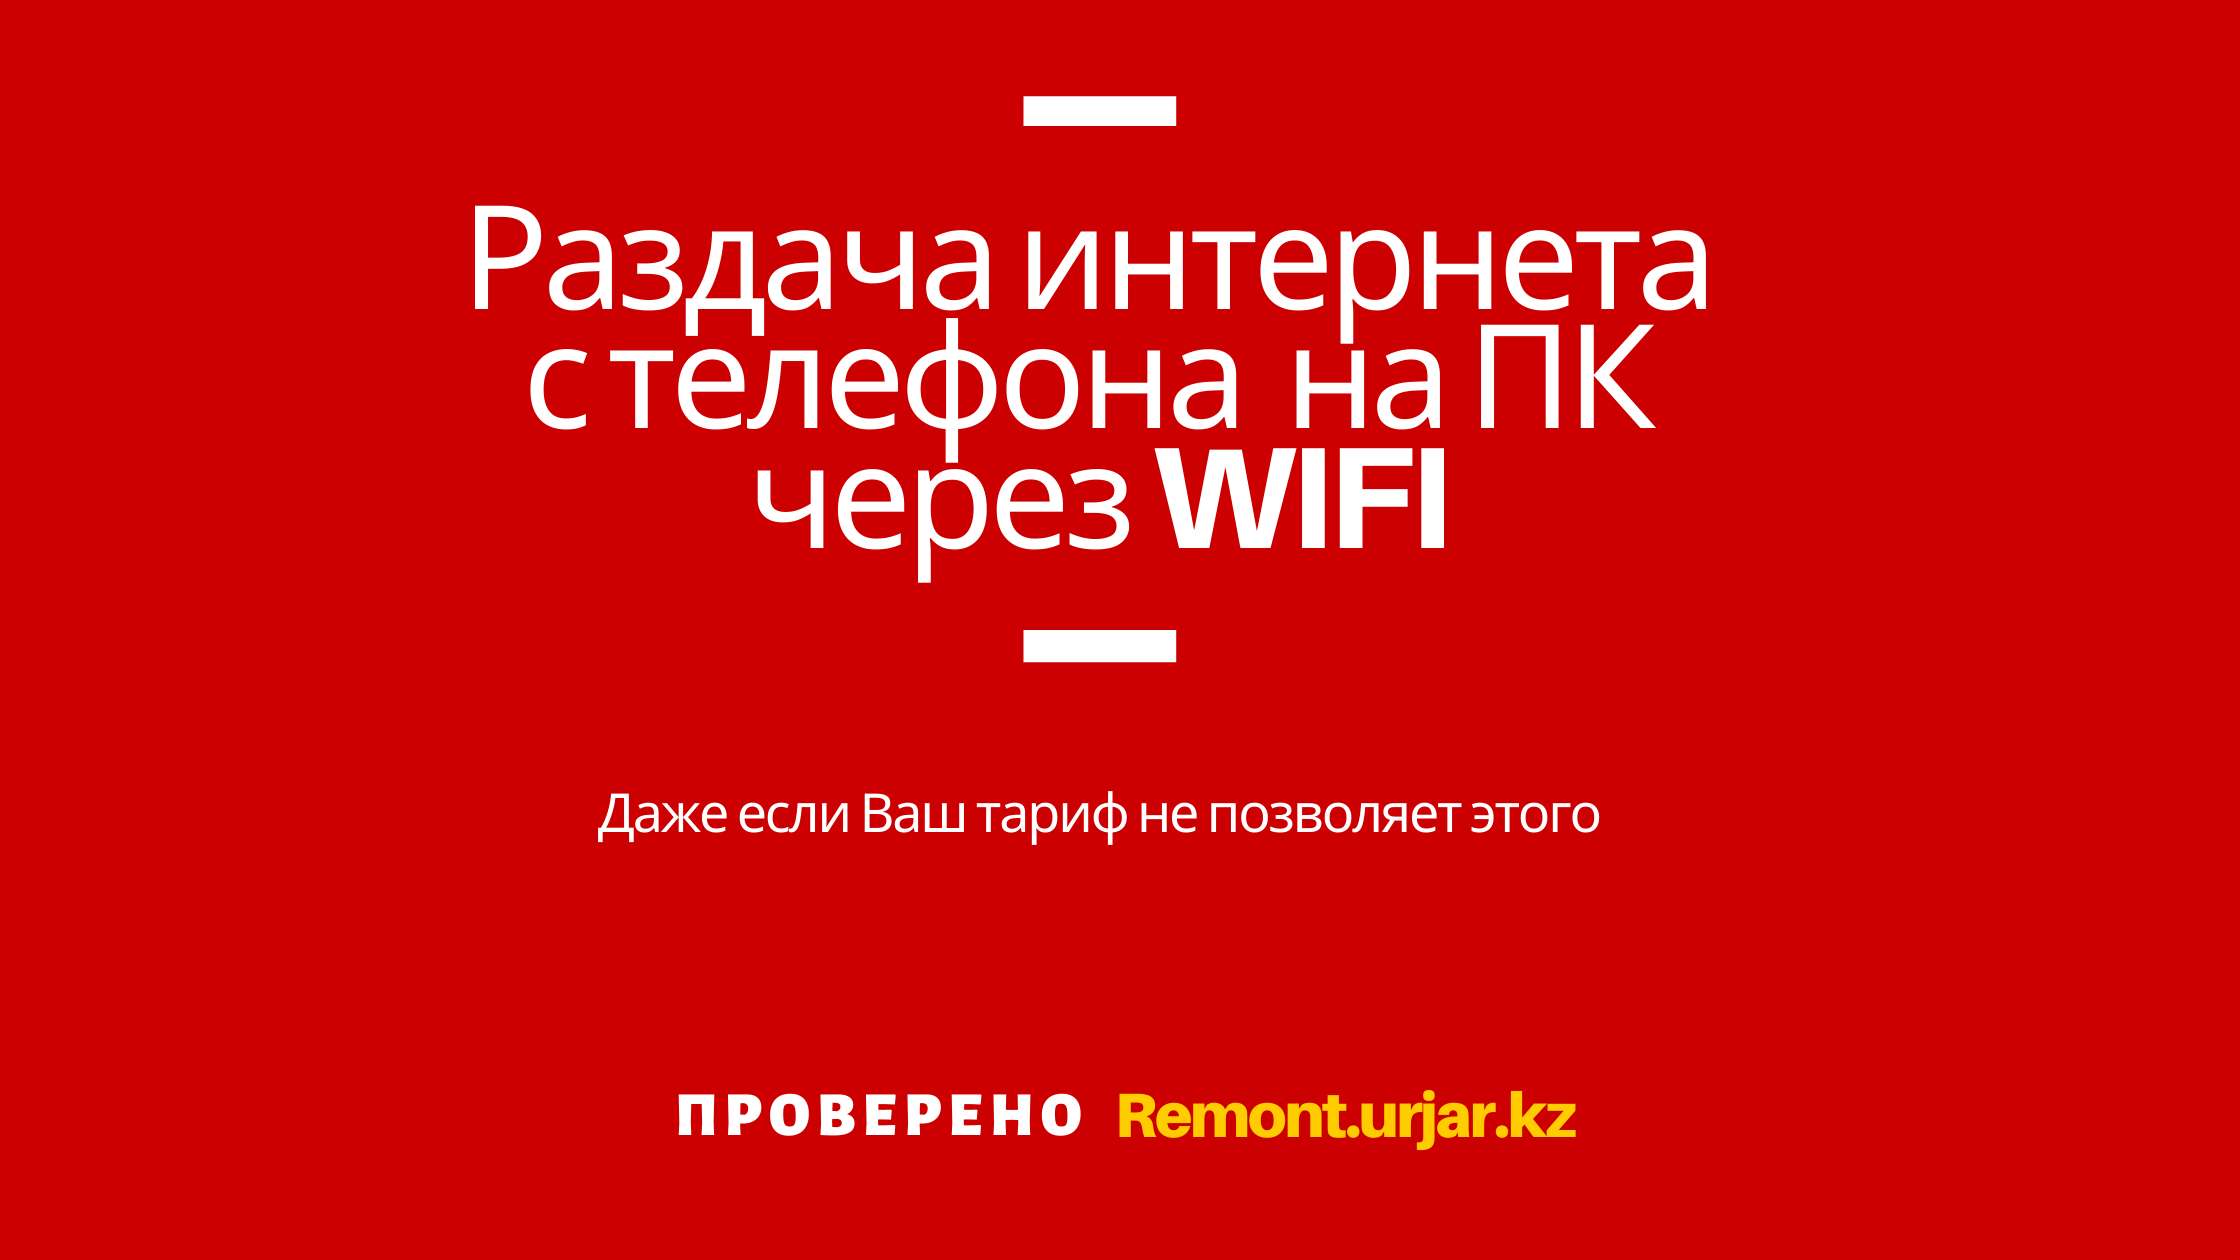 Раздача интернета с телефона (андроид) на ПК через WIFI